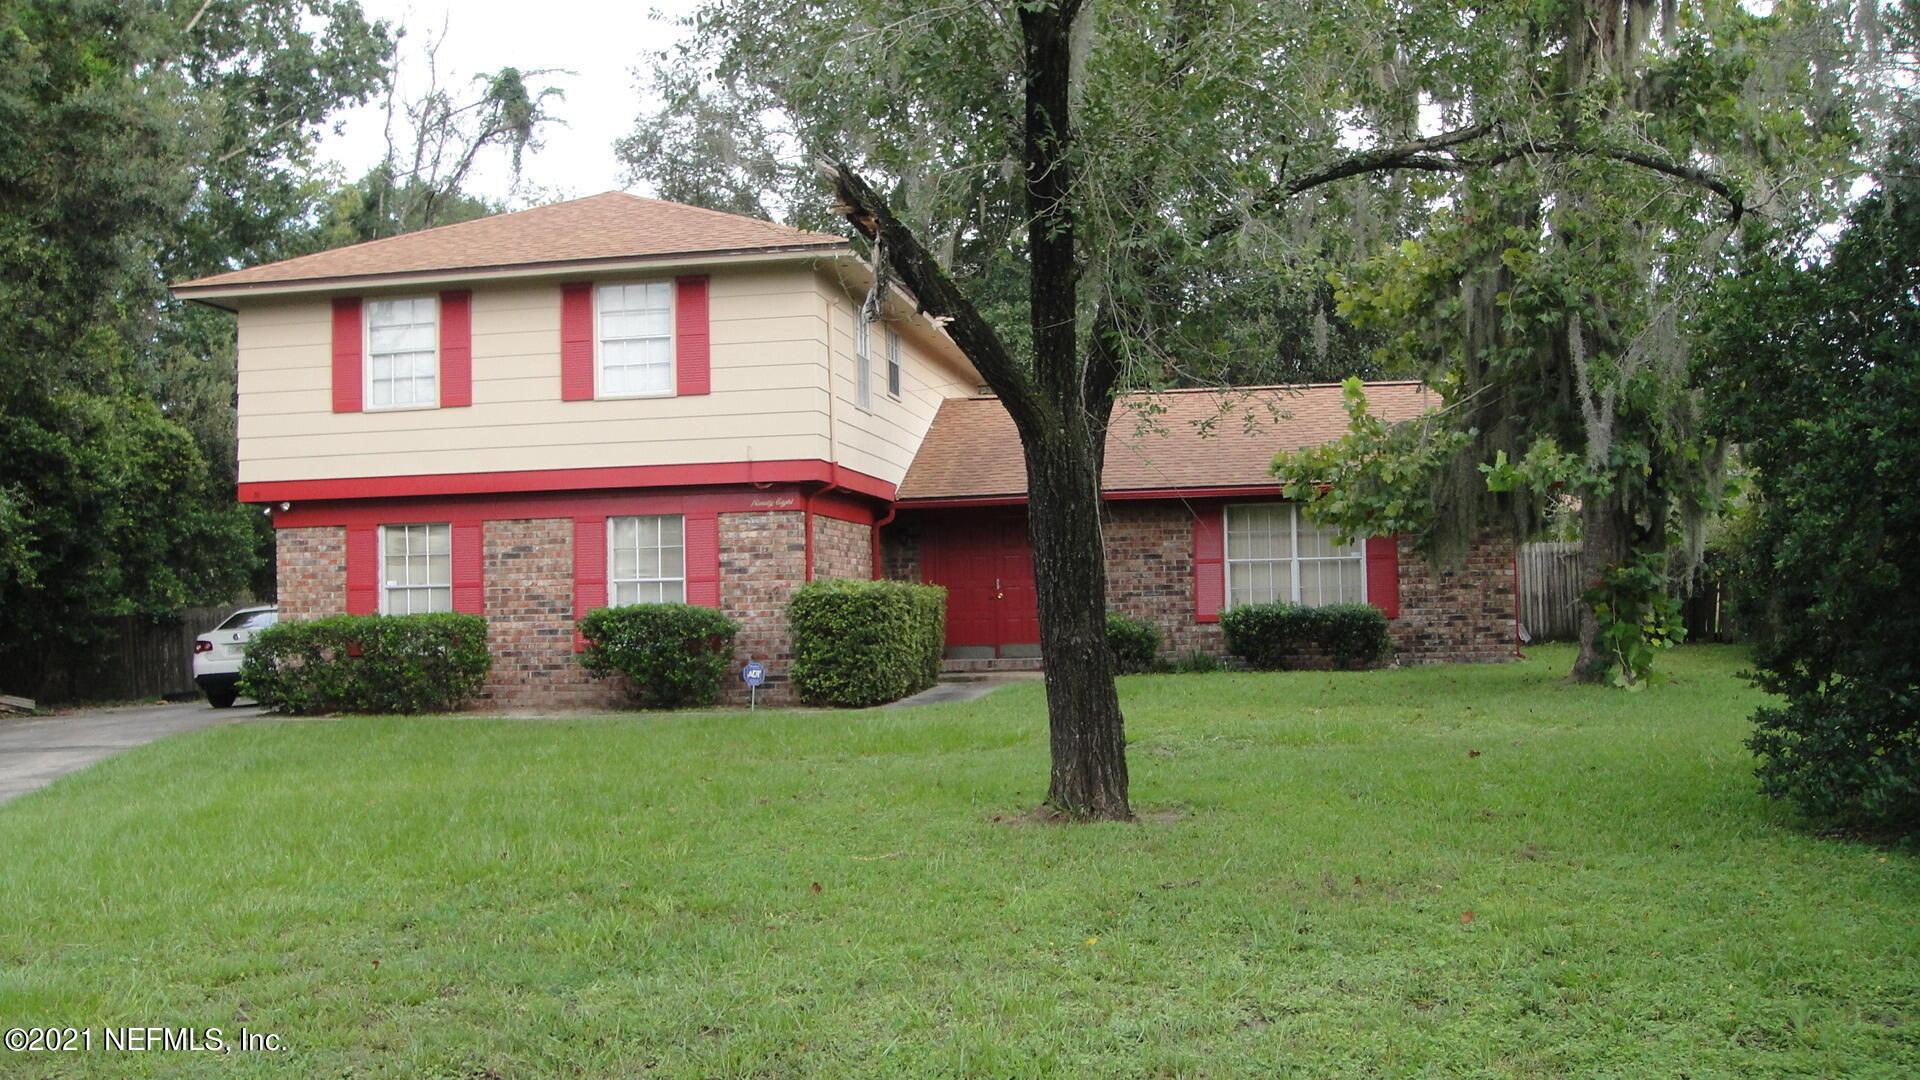 98 VANDERFORD, ORANGE PARK, FLORIDA 32073, 4 Bedrooms Bedrooms, ,2 BathroomsBathrooms,Residential,For sale,VANDERFORD,1110073